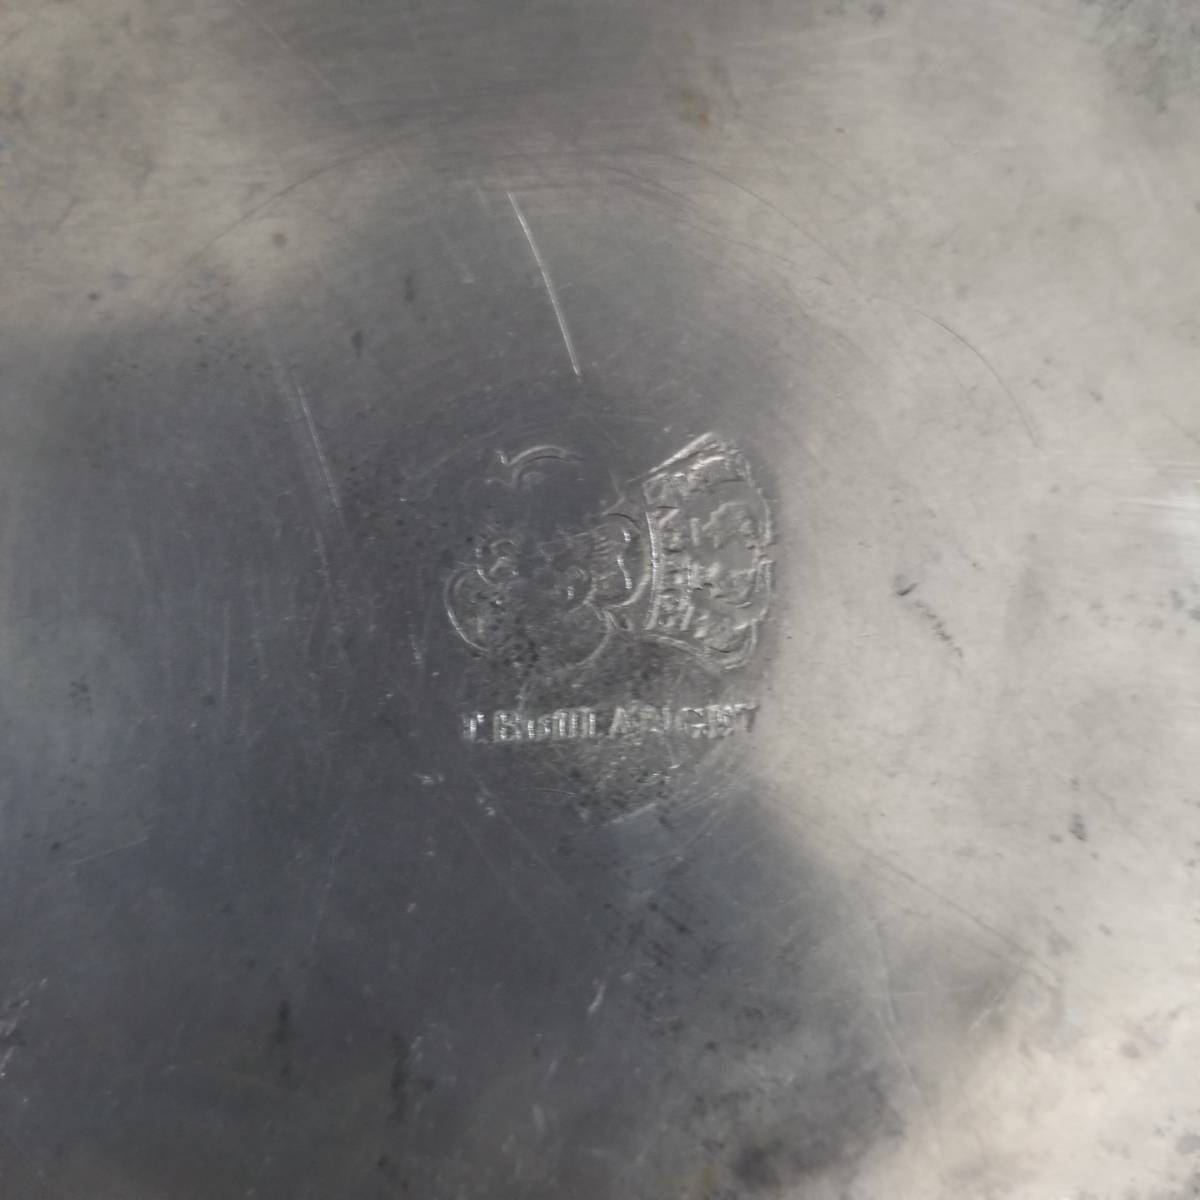 アンティーク 花リム ピュータープレート 23㎝ ④ エタンプレート 錫のお皿 フランス ヴィンテージ ブロカント シャビーシック 古道具_画像5